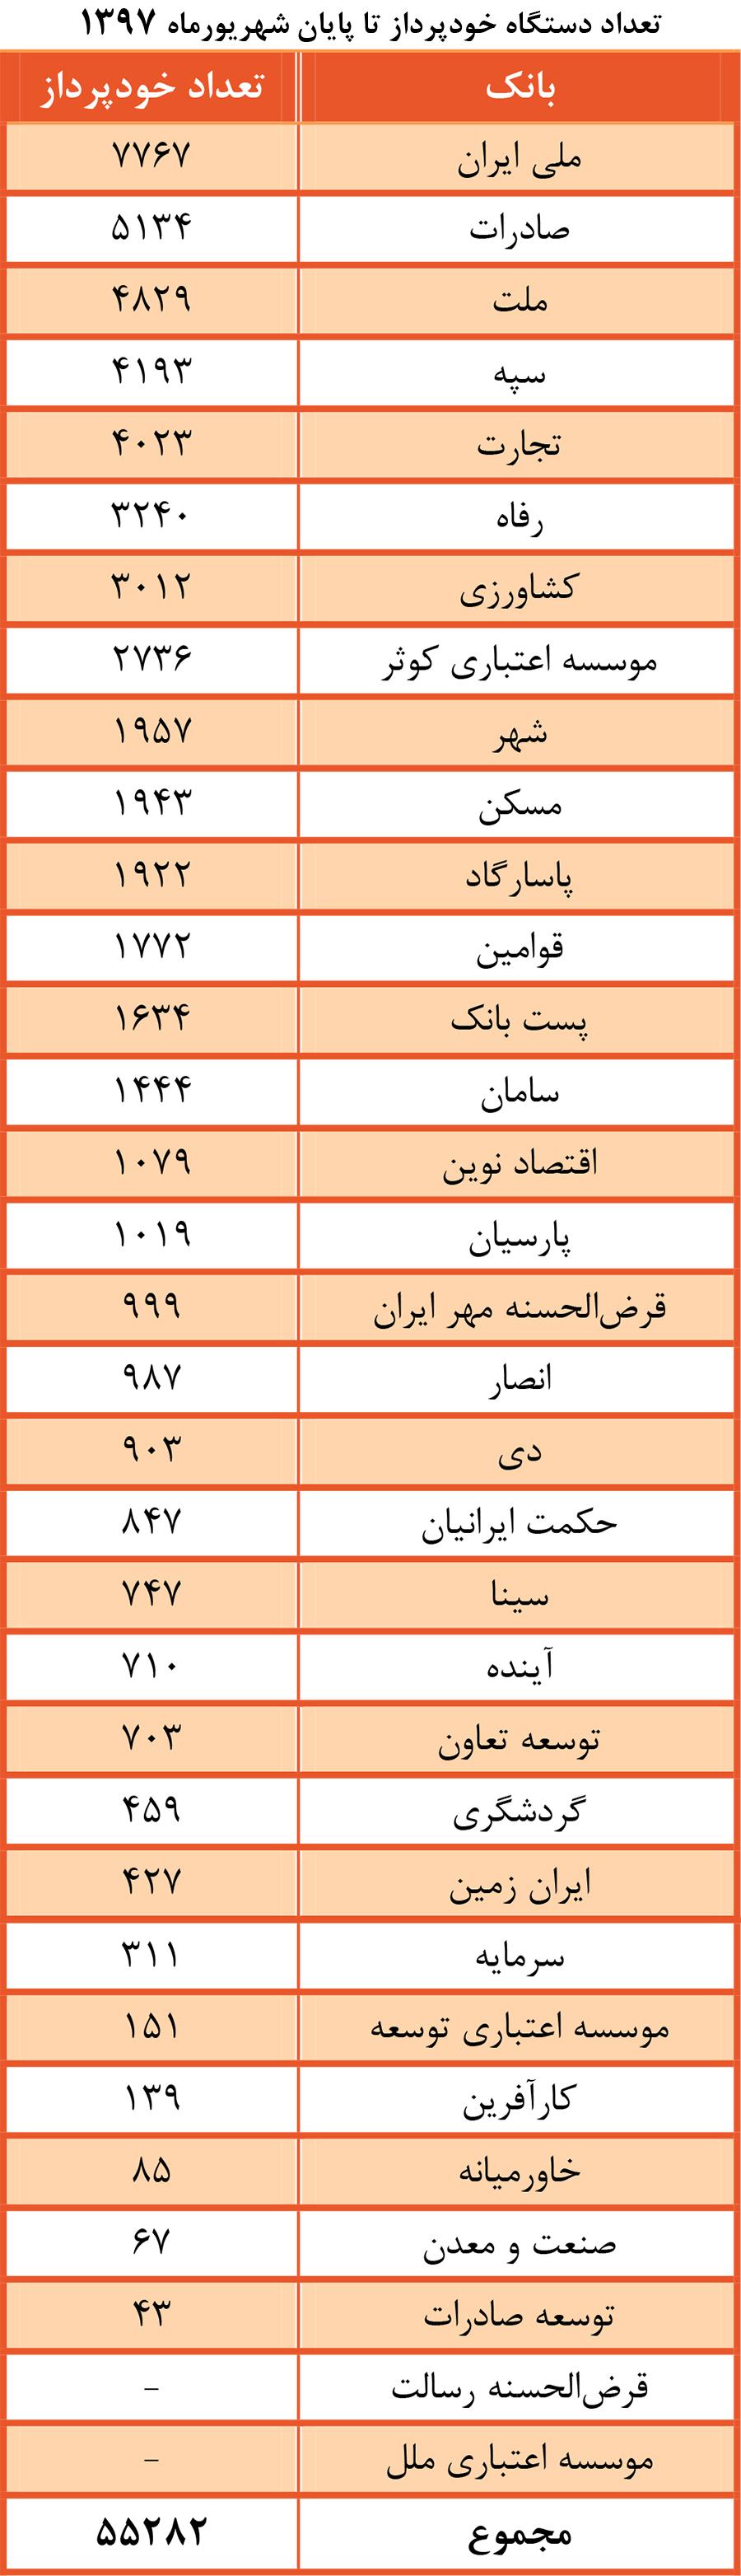 پایگاه خبری آرمان اقتصادی Atba-2-Index-Way2pay-98-04-23 آخرین آمار از تعداد دستگاههای خودپرداز هر یک از بانکهای کشور / چند خودپرداز در ایران وجود دارد؟